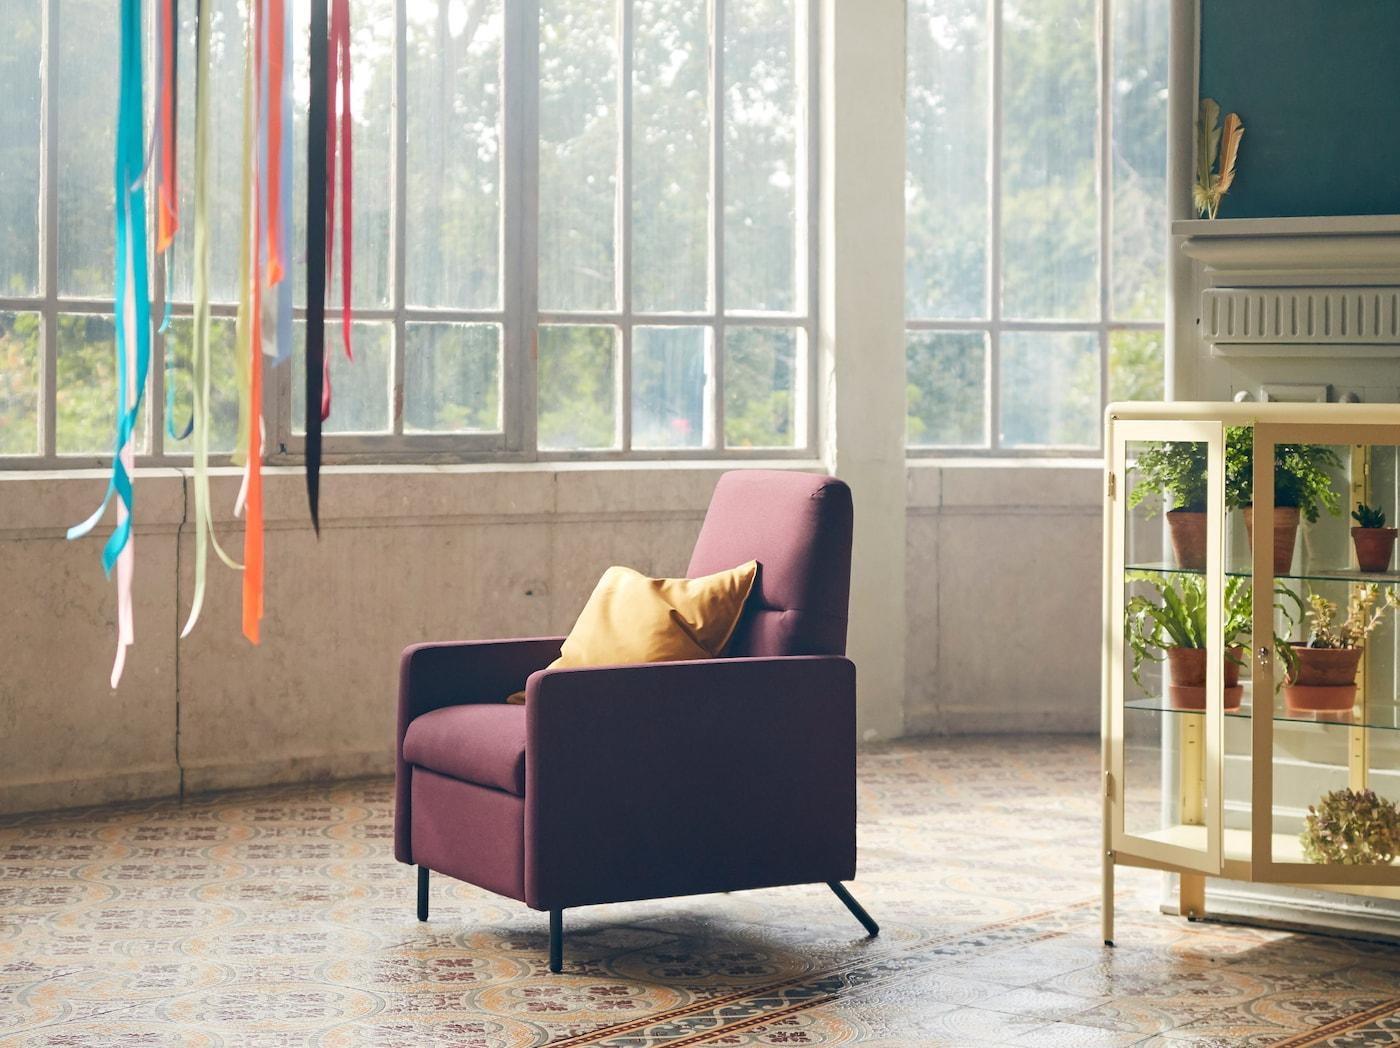 Der GISTAD Ruhesessel in Dunkelrot ist hier in einem weitläufigen Raum vor einer Fensterfront zu sehen.